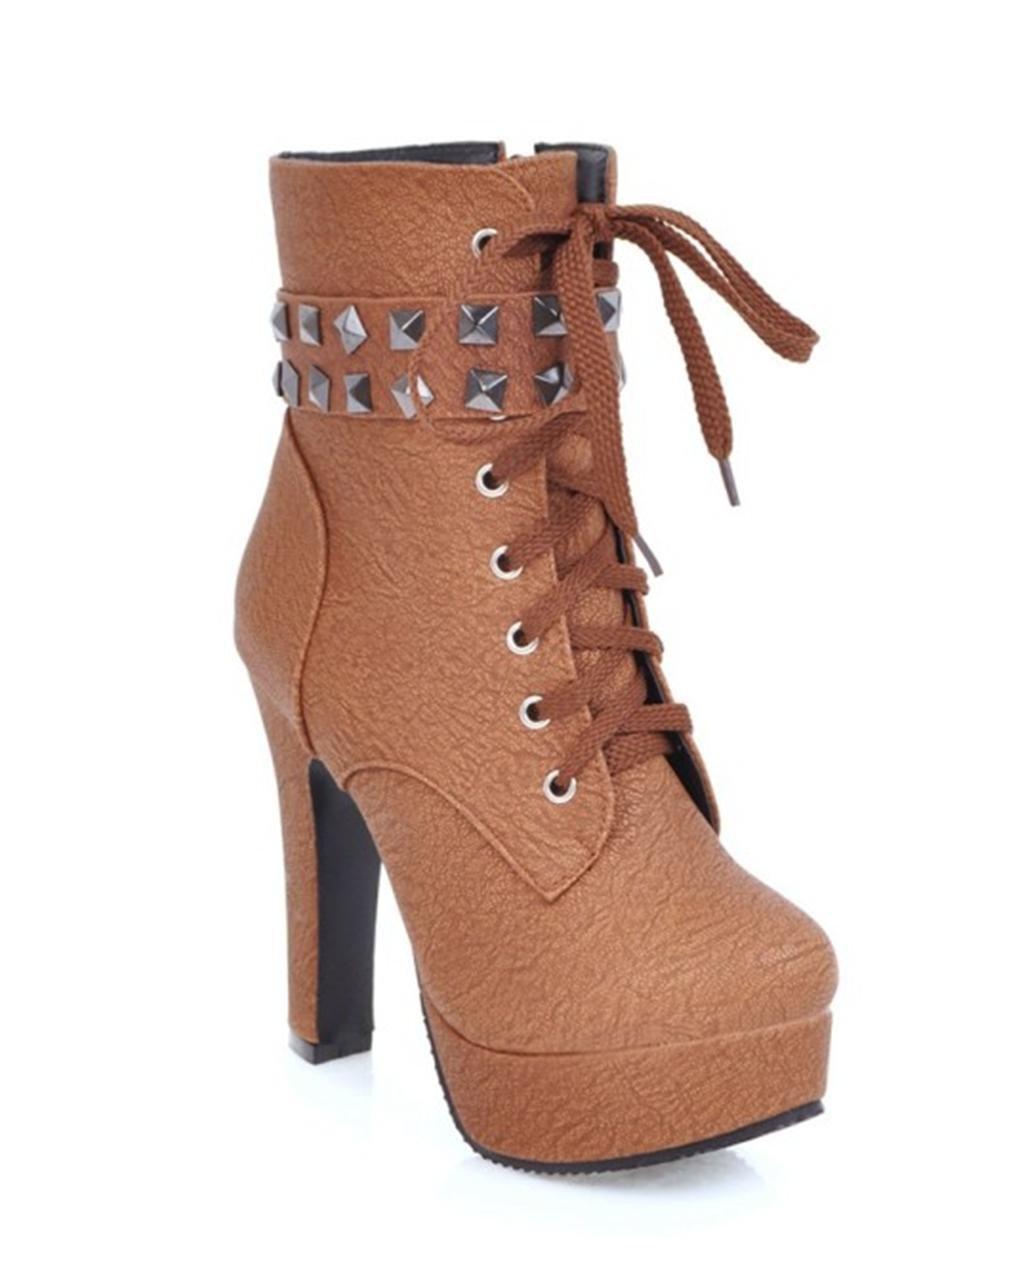 HETAO Tacones de Personalidad Mujeres Botas de Tacón Alto Tobillo Zapatos de Tacón Alto de la Plataforma Temperamento Elegante Zapatos 43 EU|Light Brown